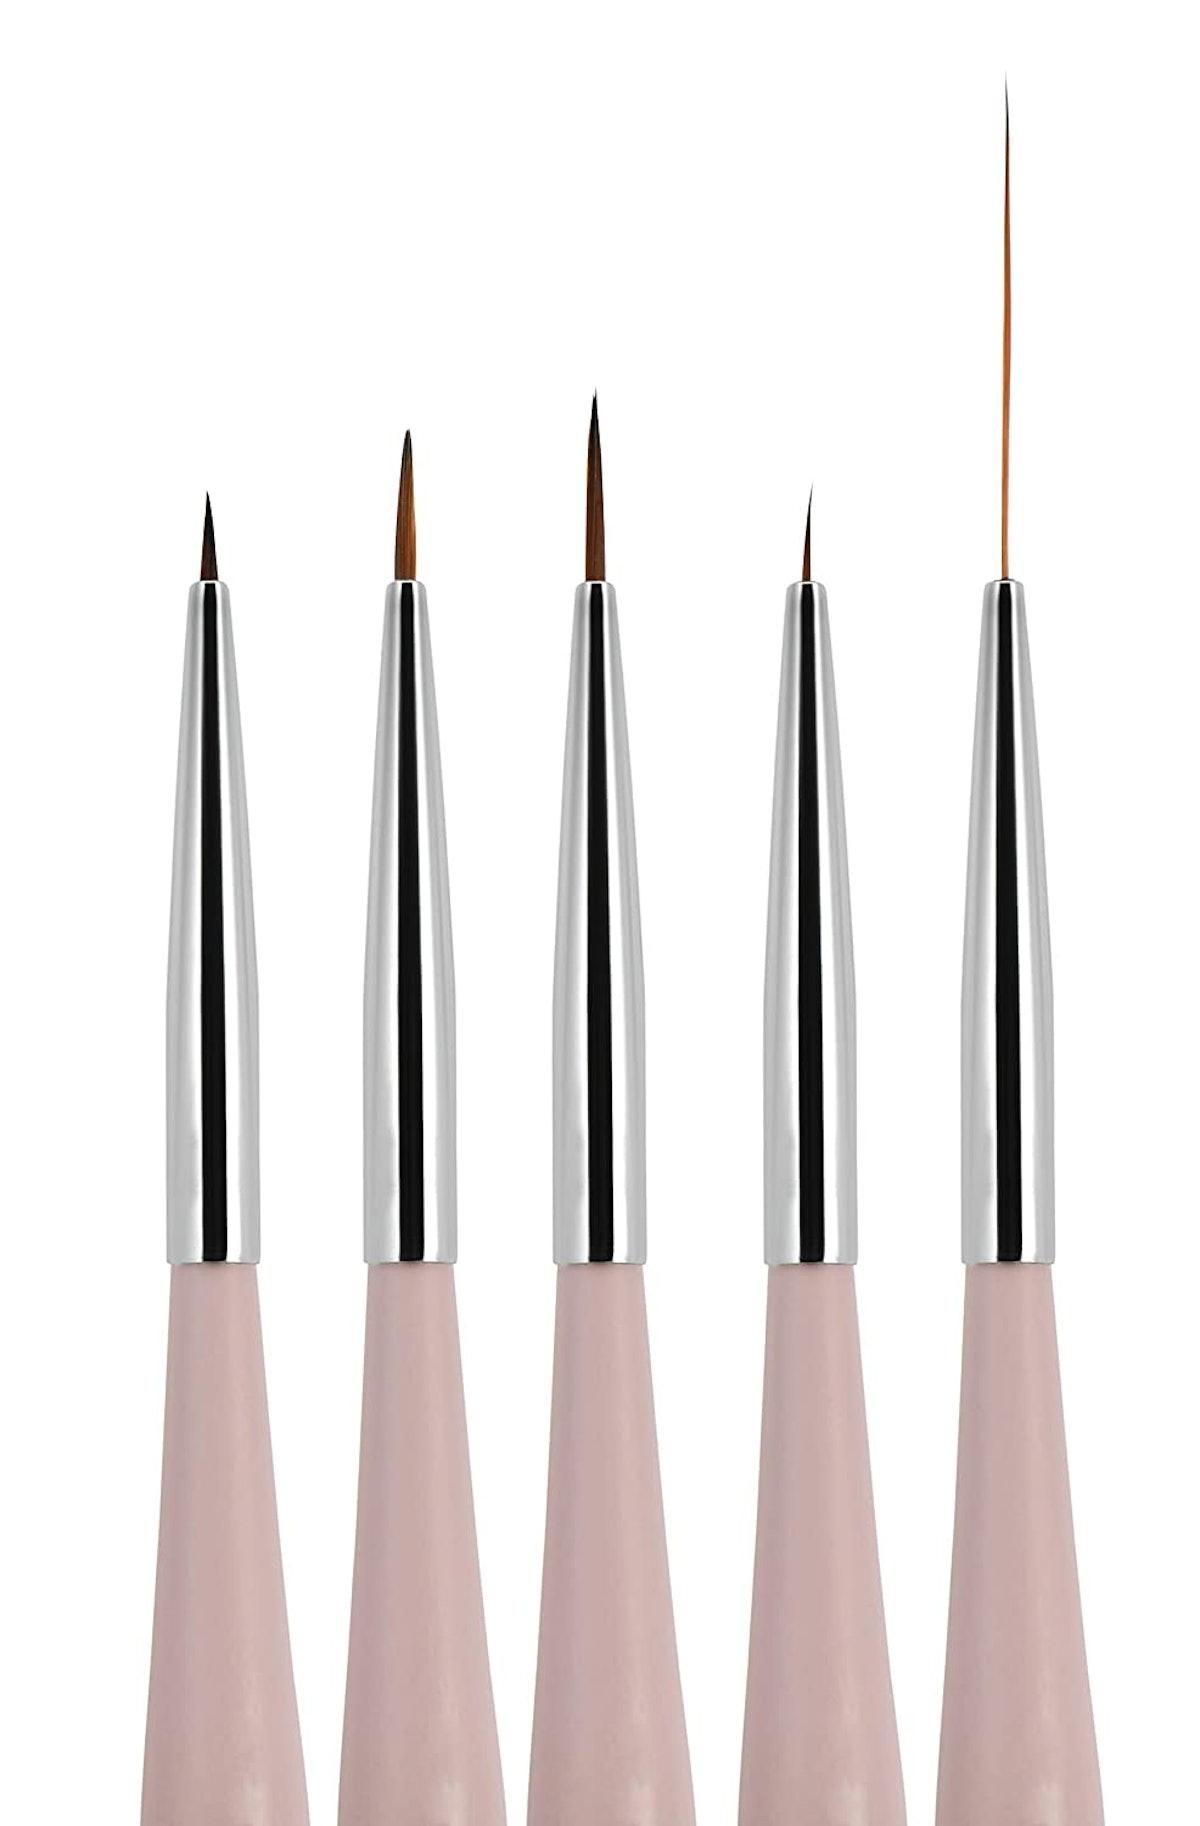 5 Pieces Nail Art Brush Set